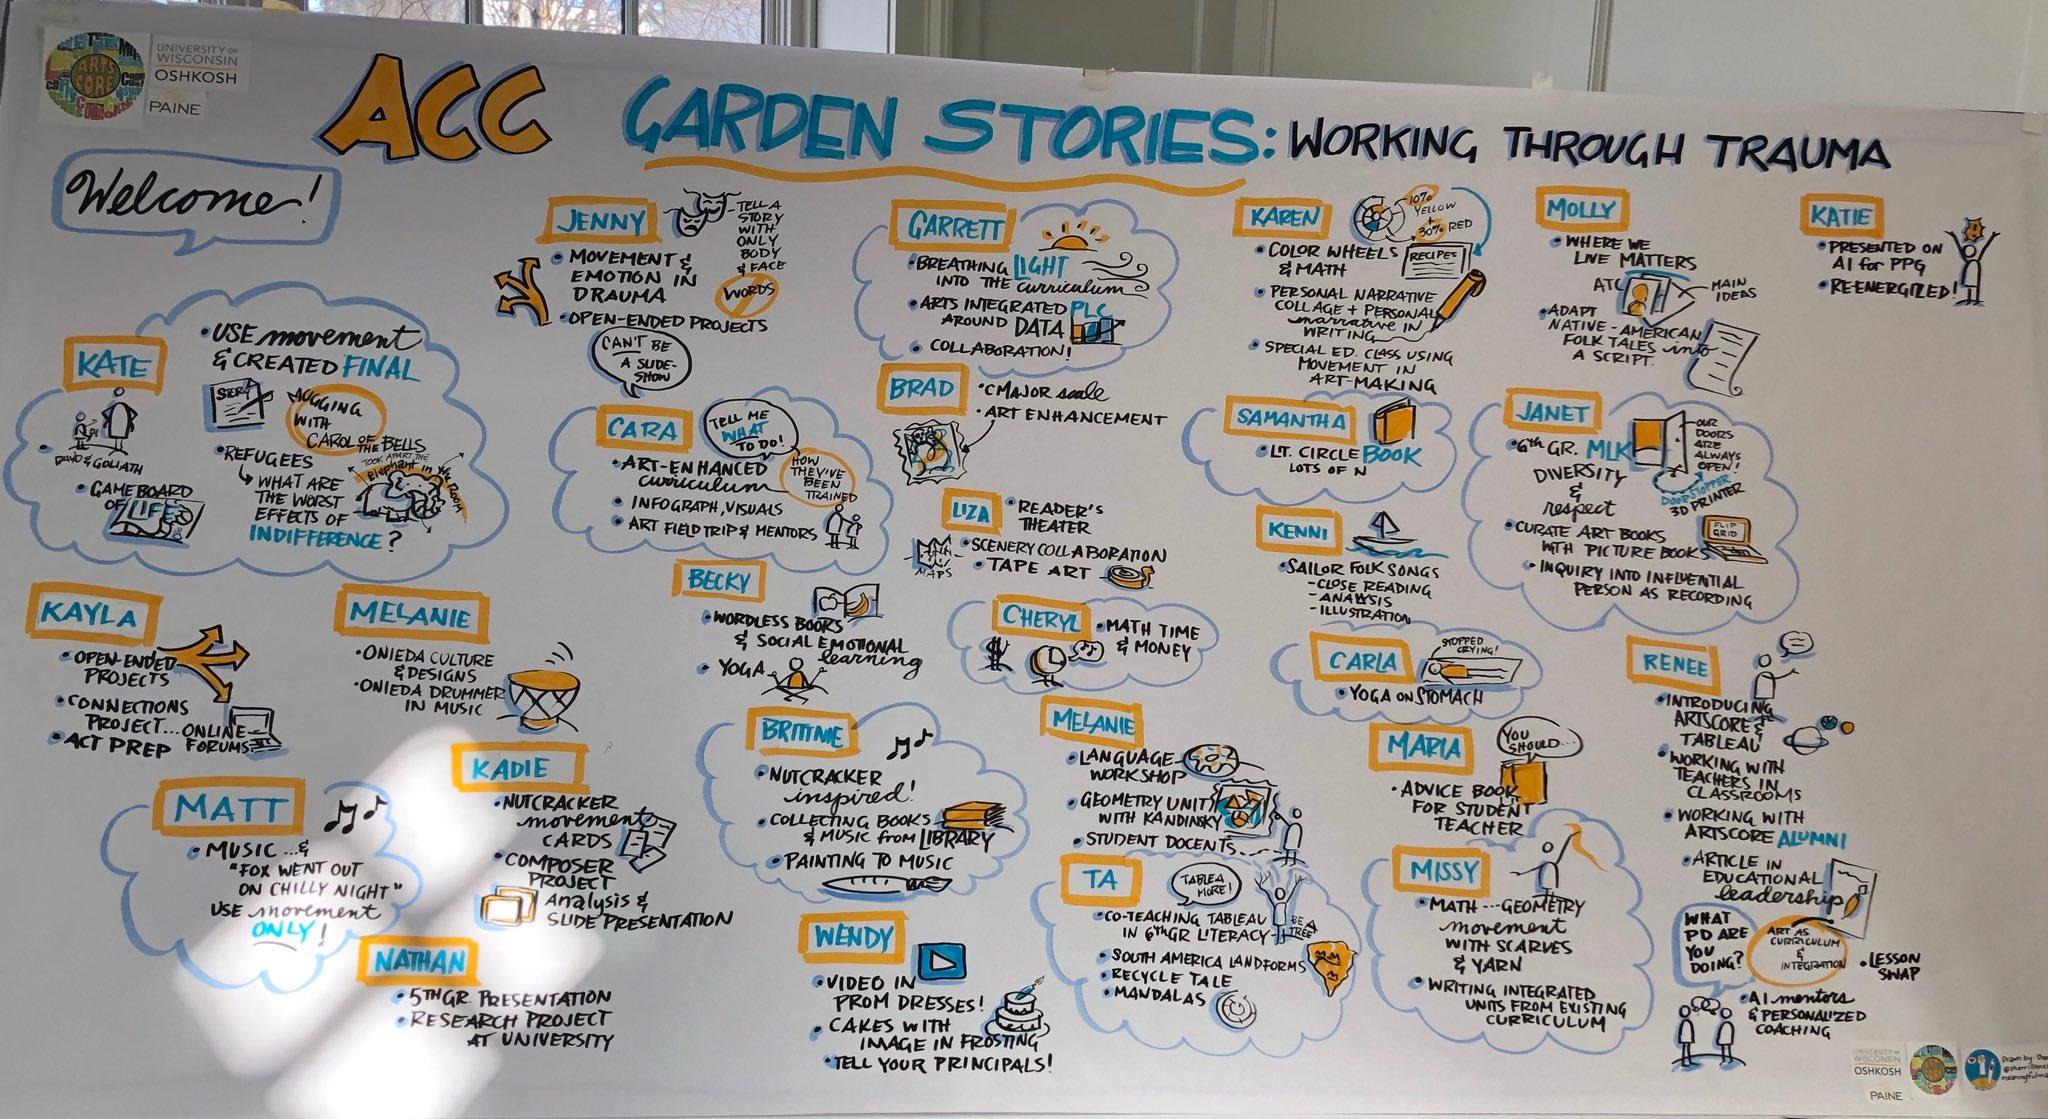 Garden Stories @UWOArtsCore #LibraryLearning #sketchnote https://t.co/OxXyFM4KYR